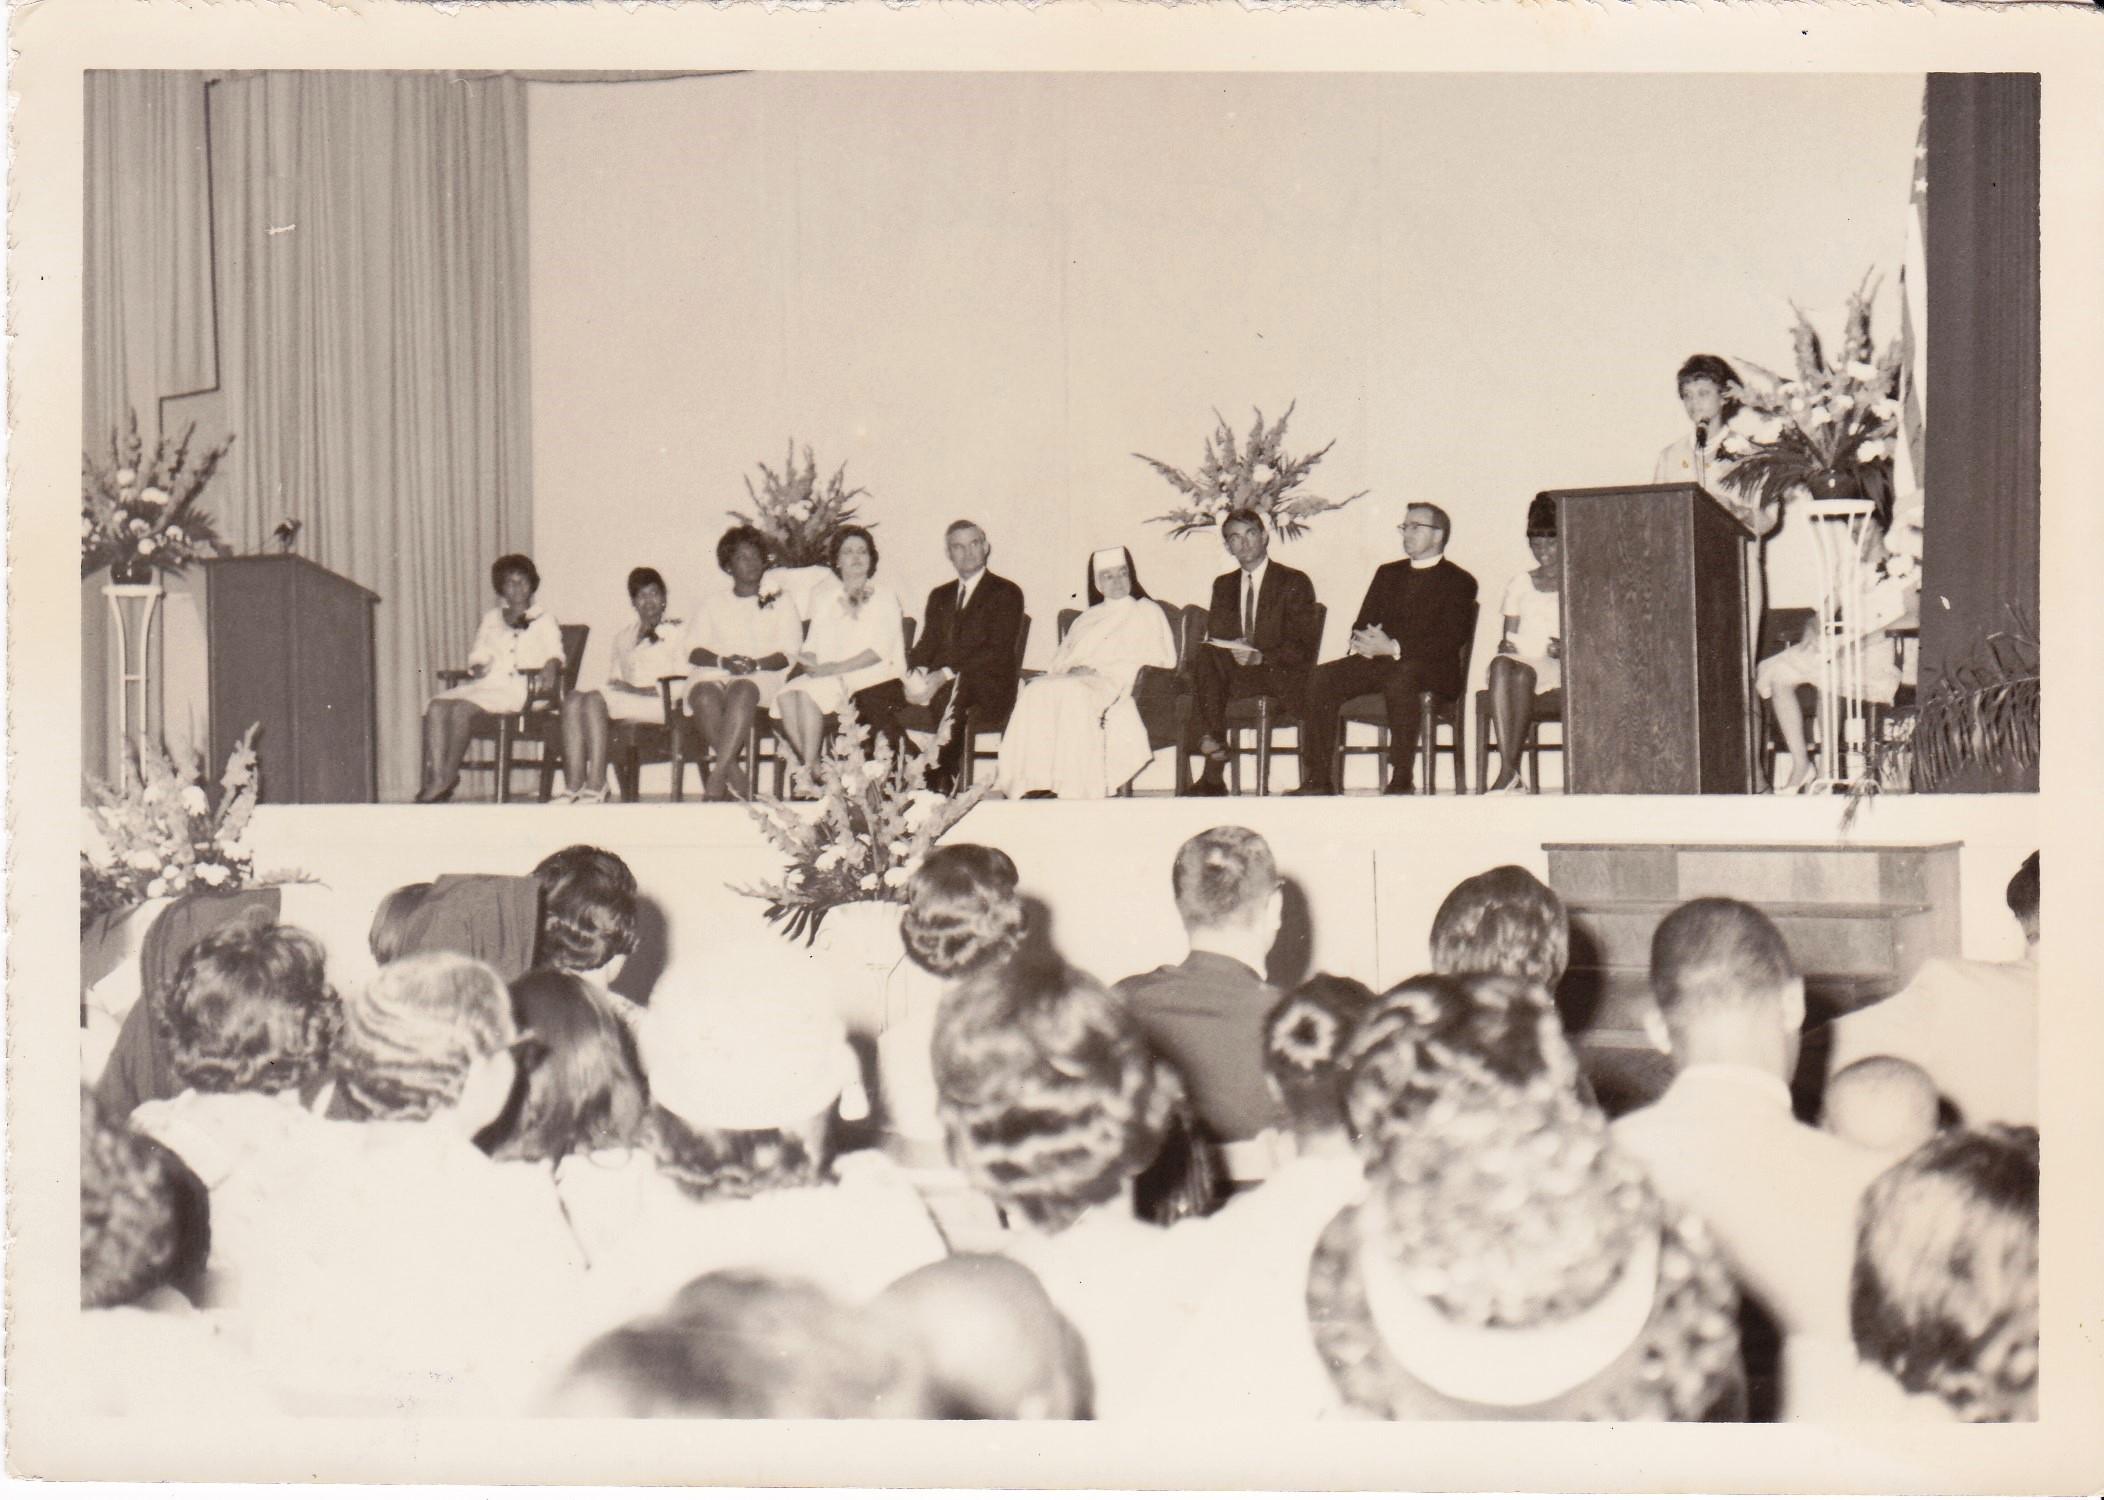 '66 Graduation Participants - Leatrice Frilot at Podium